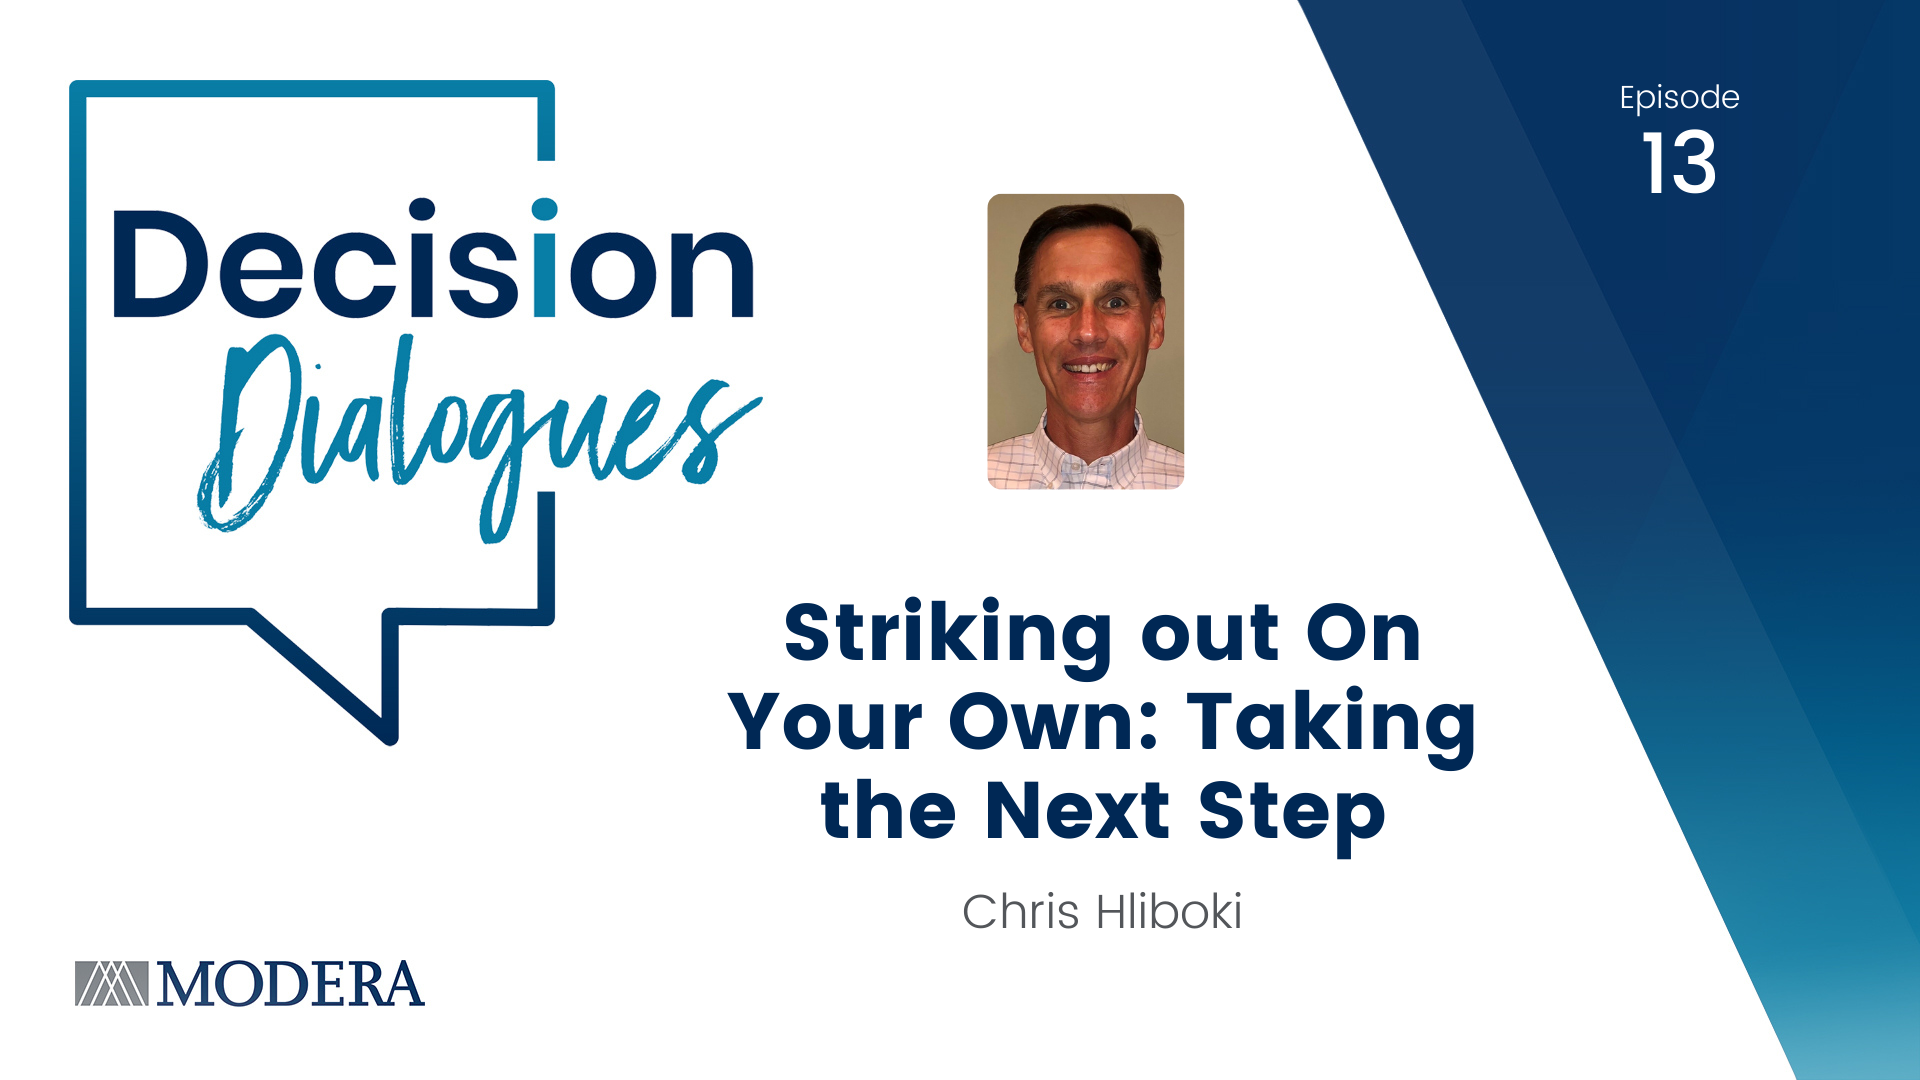 Decision Dialogues Episode 13 - Chris Hliboki